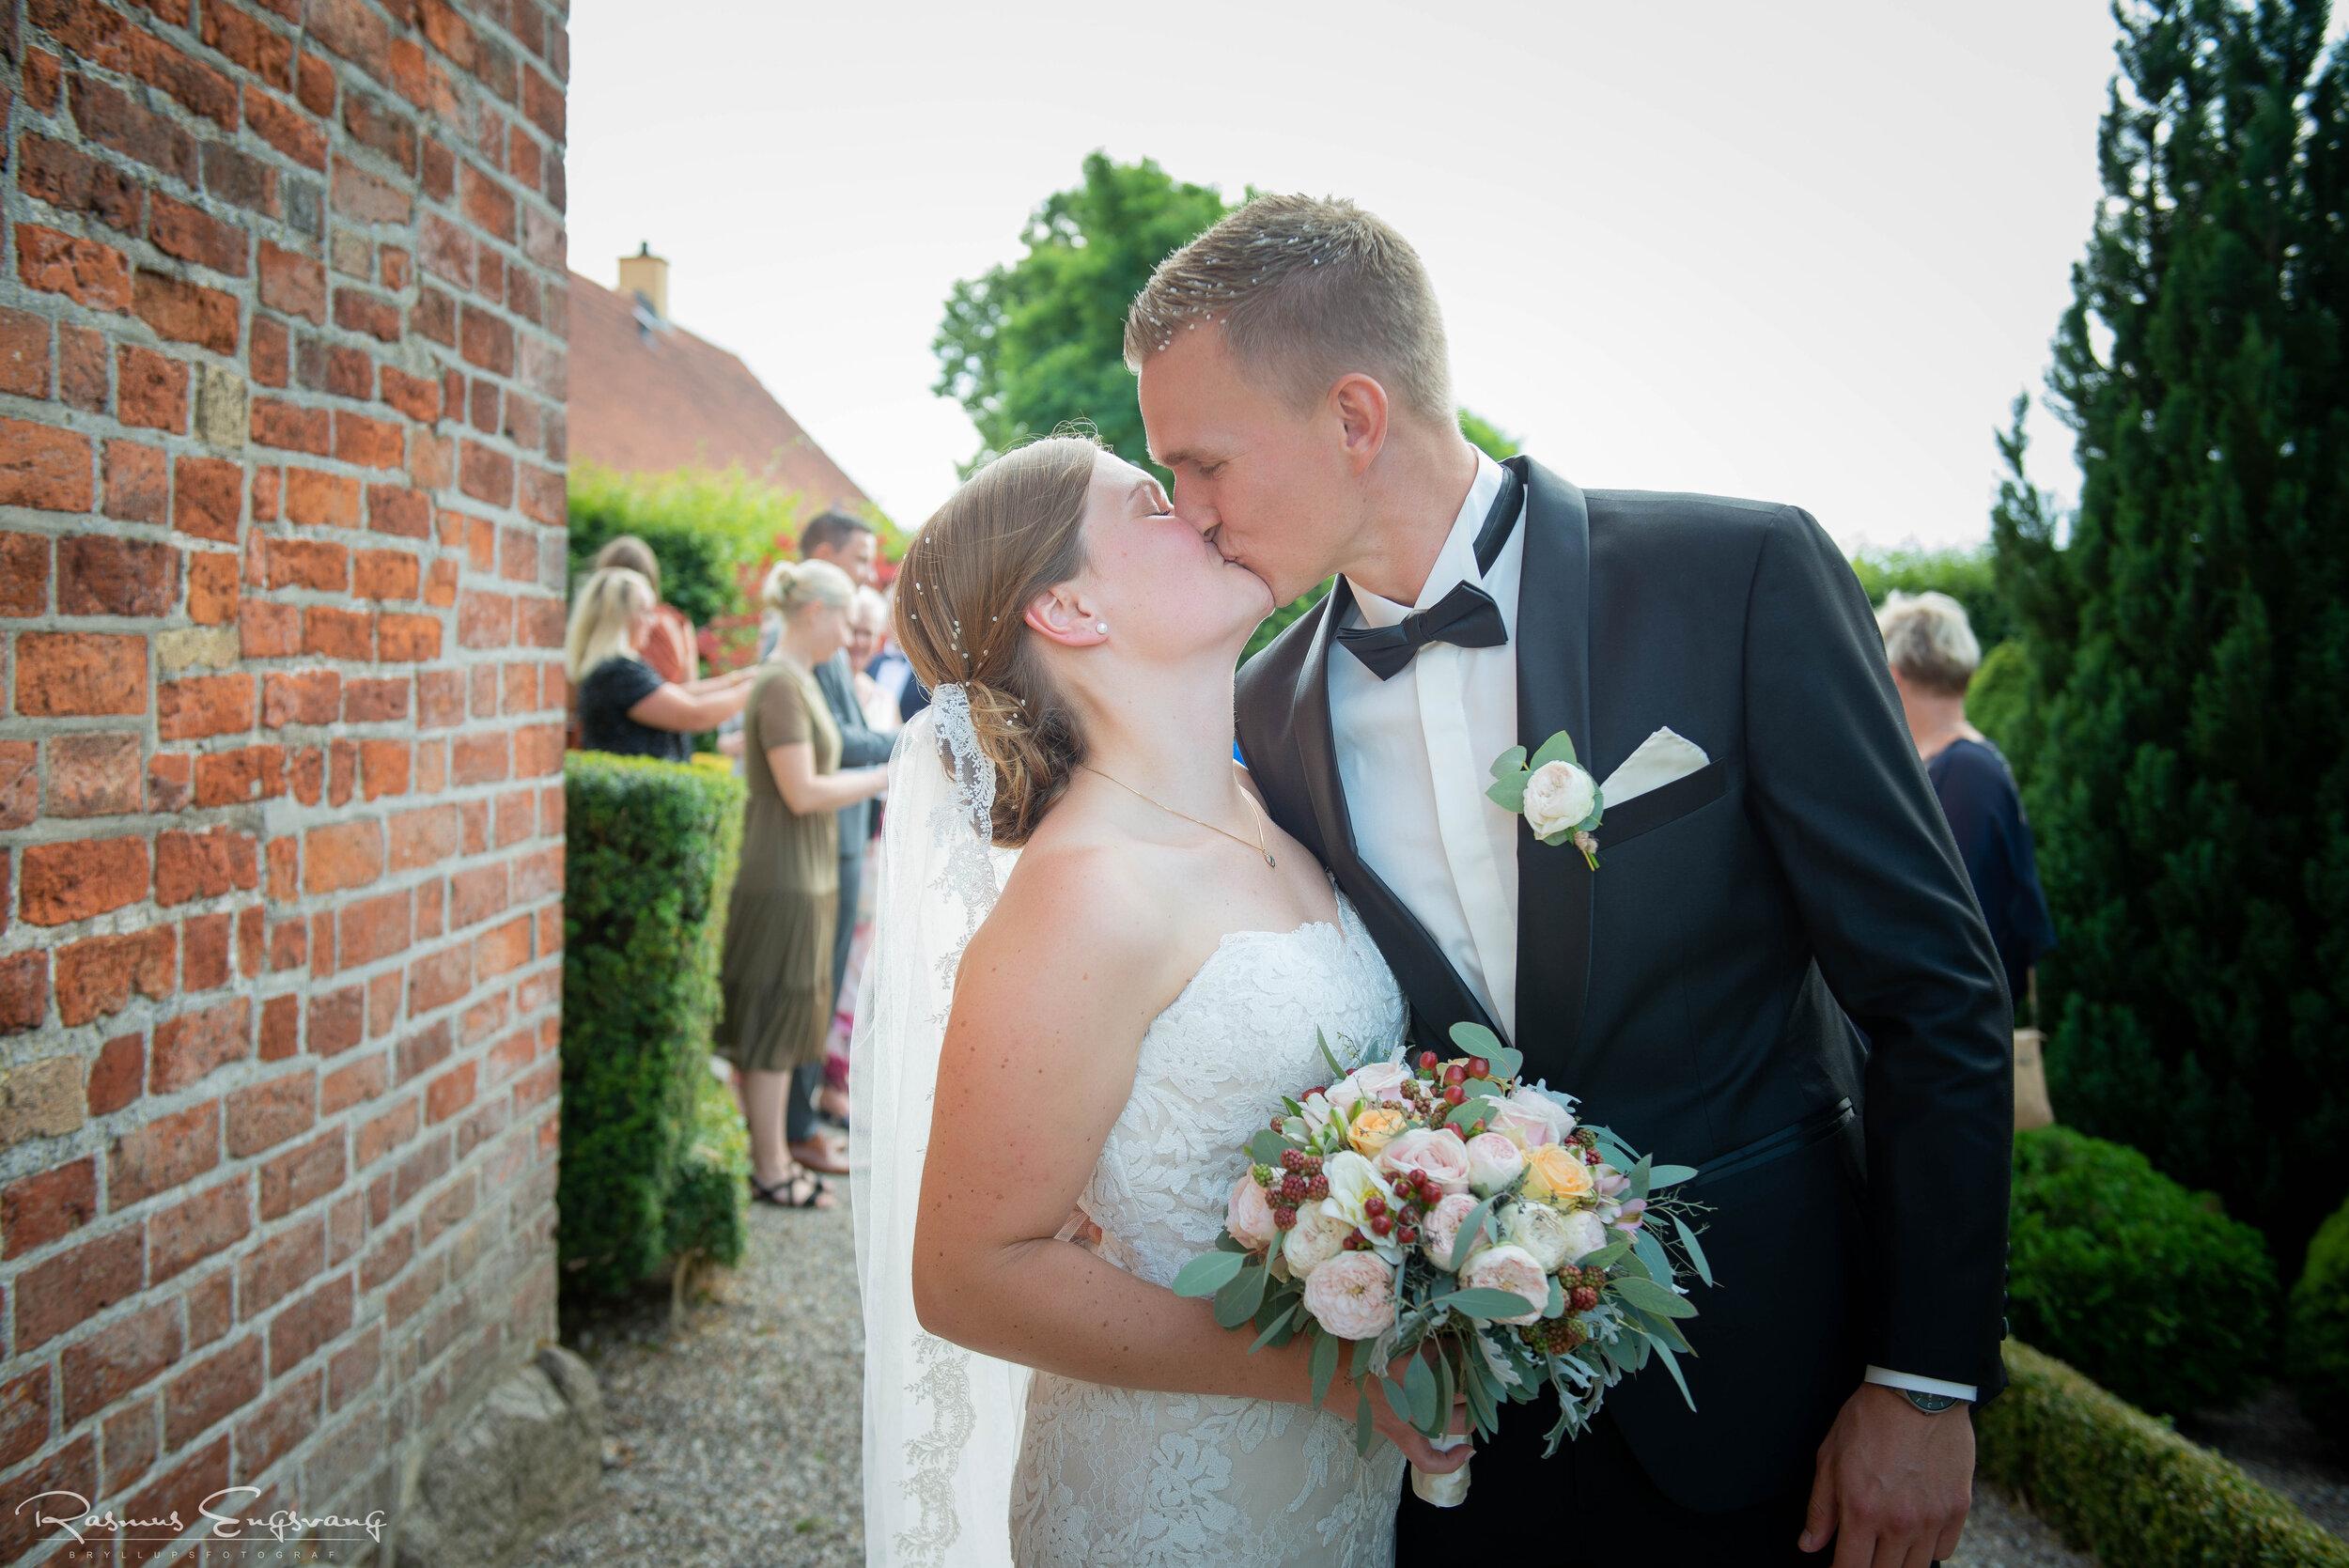 Bryllupsfotograf_Sjælland_Humleorehus_Vigersted-115.jpg